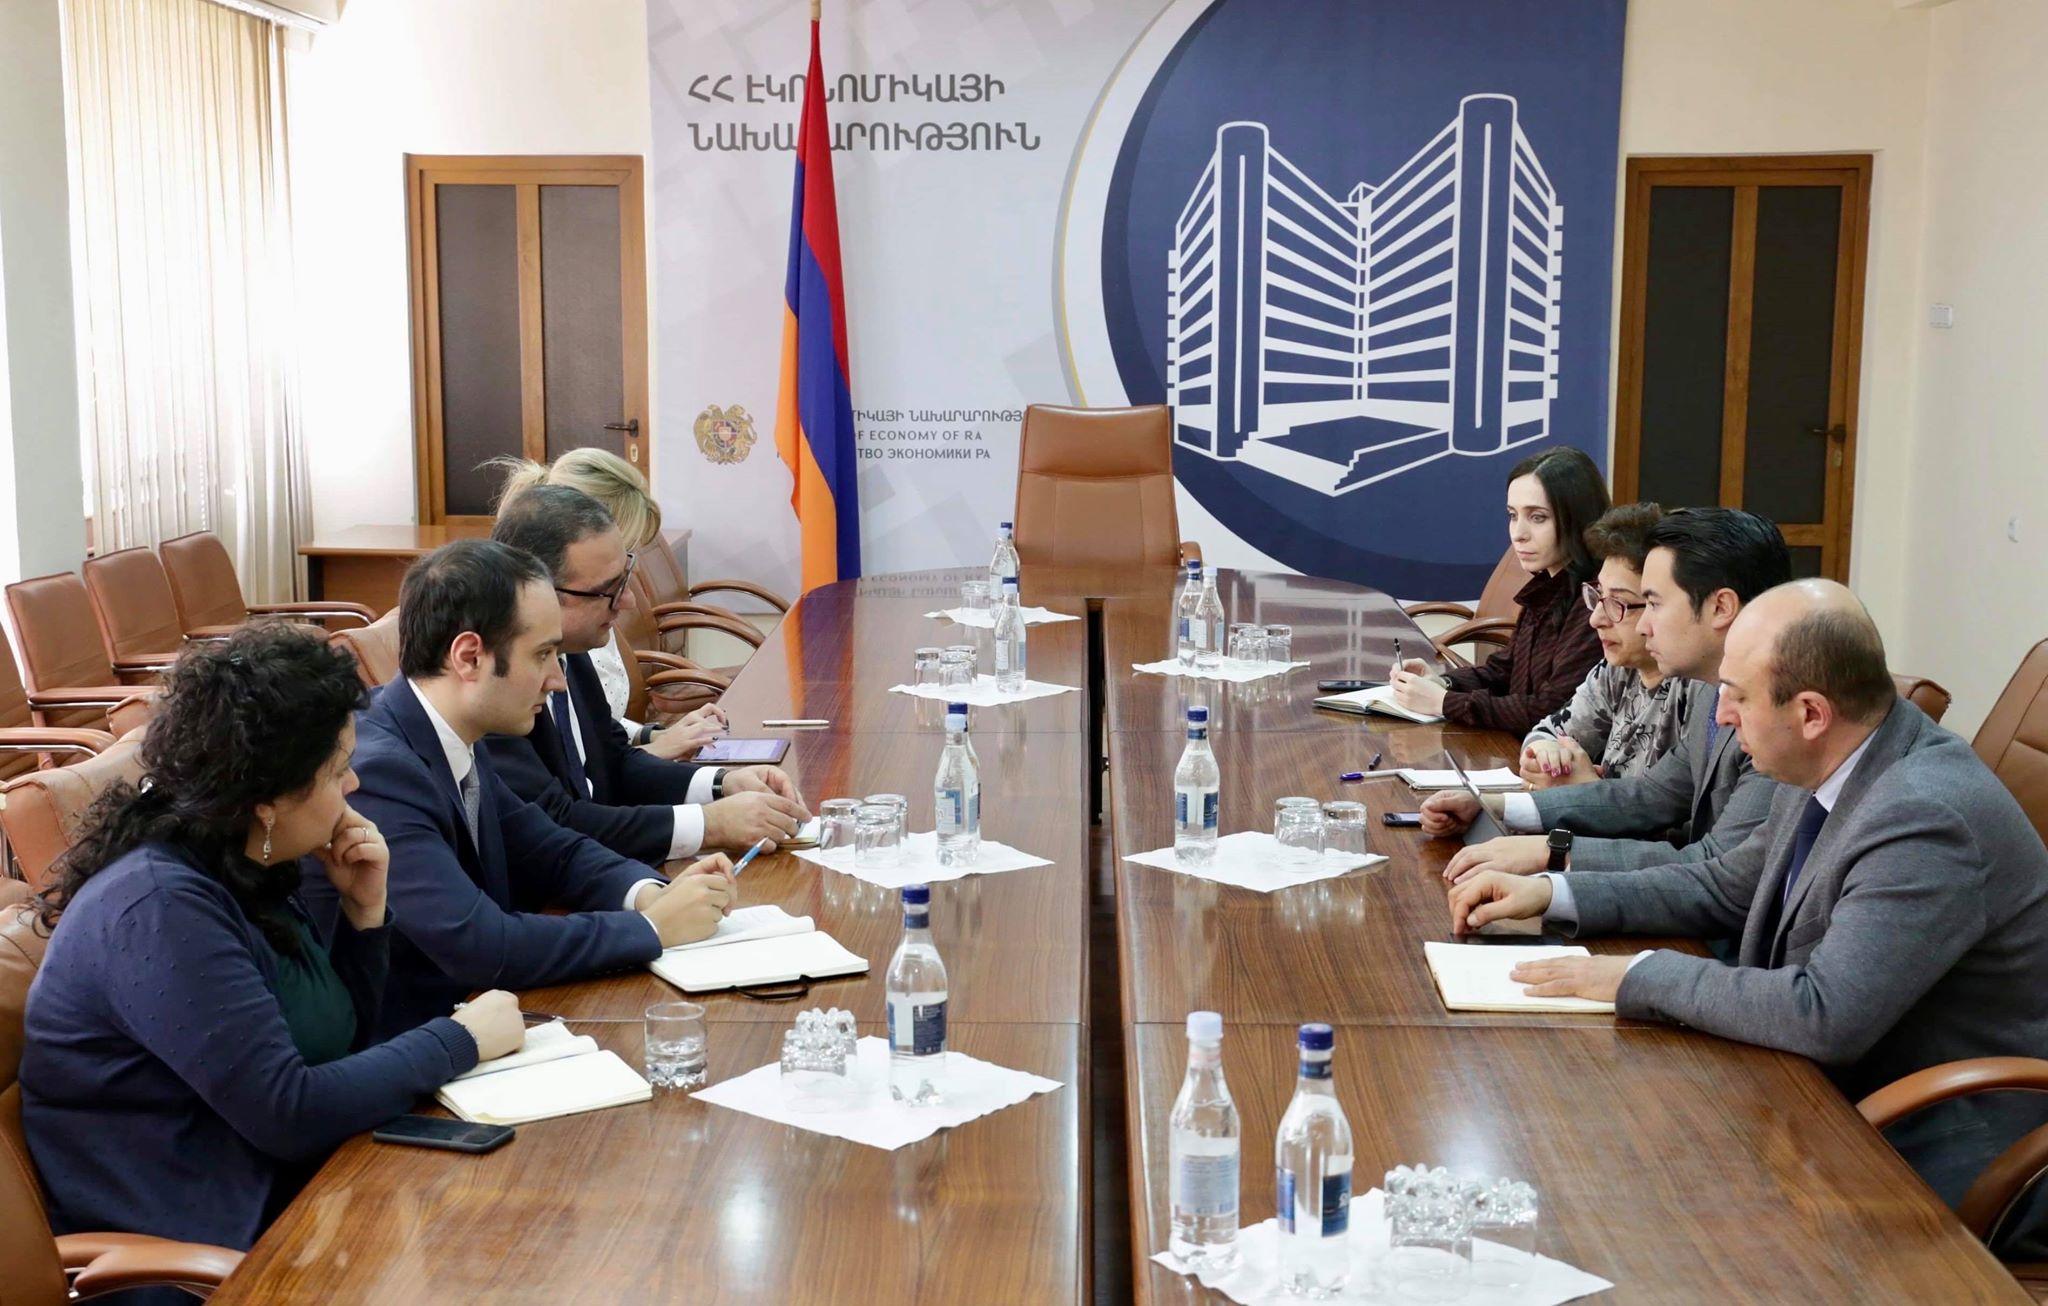 Համաշխարհային բանկի թիմը Հայաստանում է՝ քննարկելու գործարար միջավայրի բարեփոխումների օրակարգը